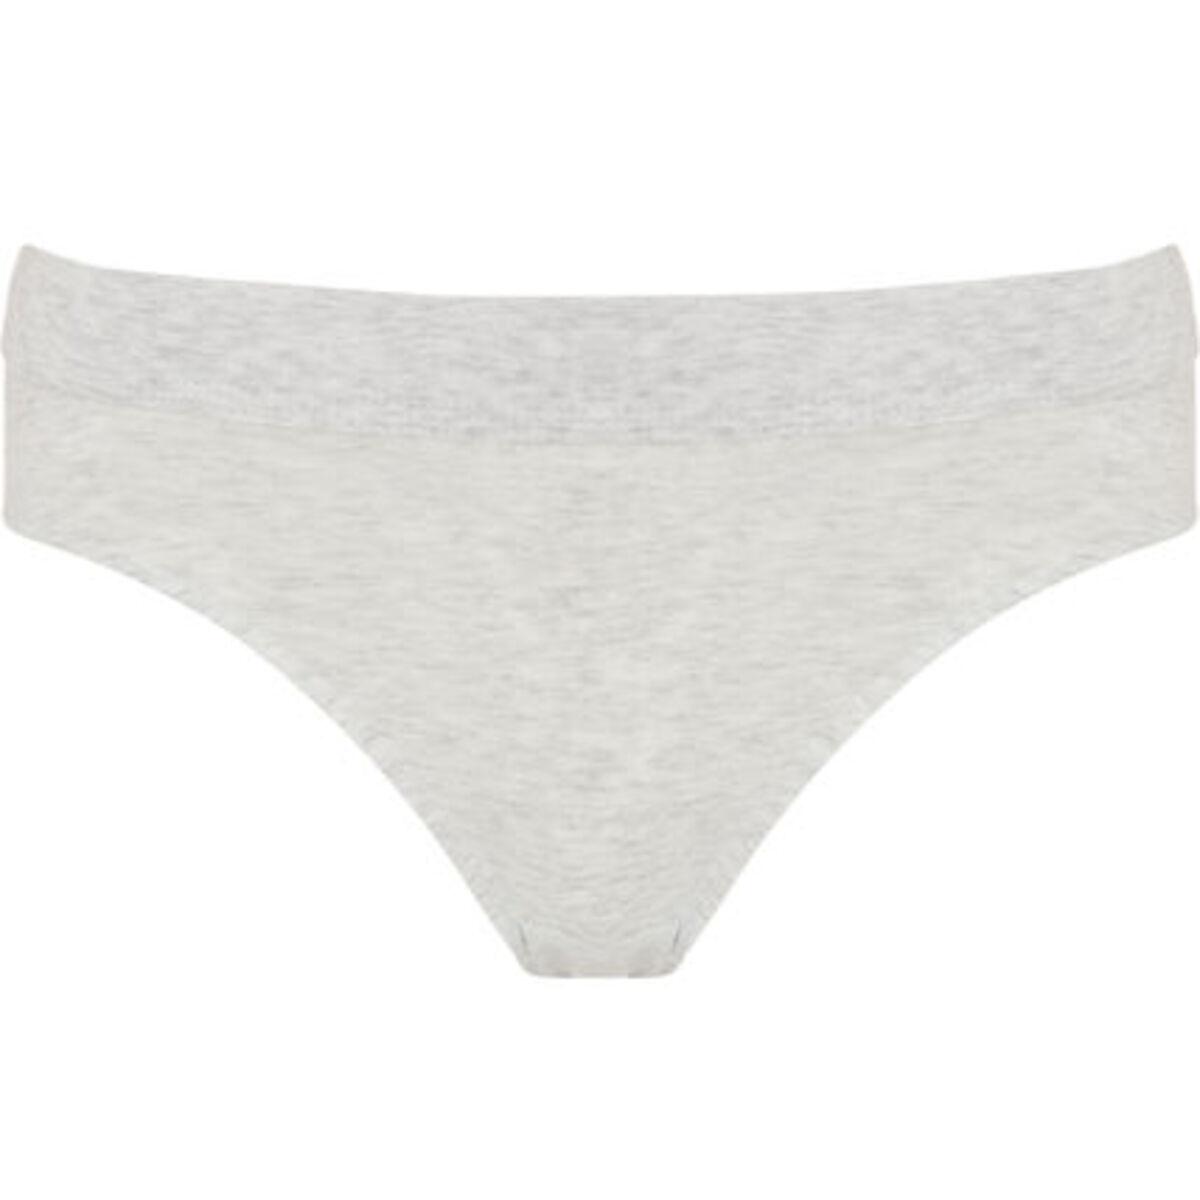 Bild 1 von Speidel Bikinislip, softer Bund, uni, für Damen